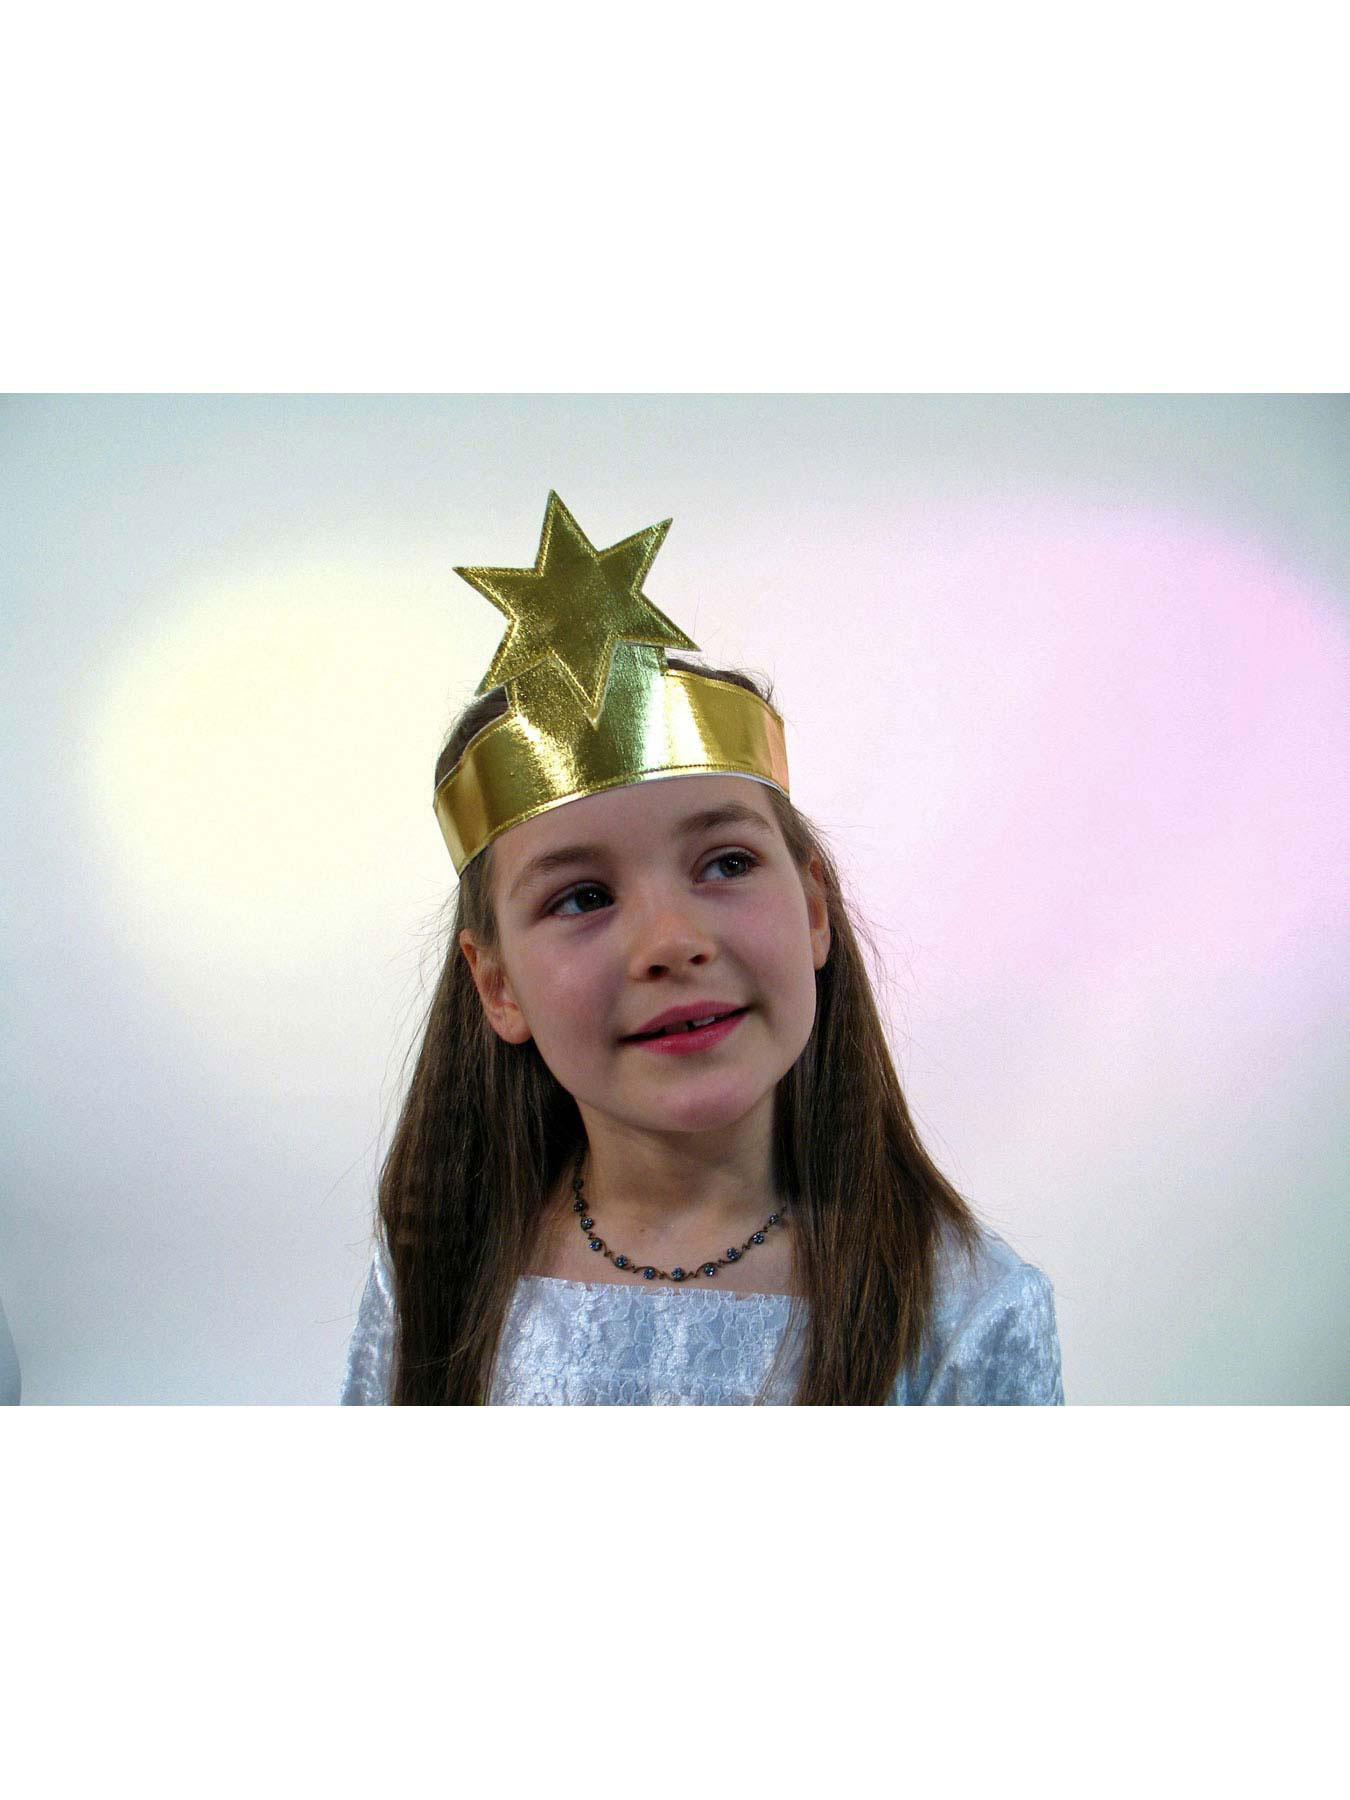 Stirnband Stern Engel Kleid Kostüm Engelchen Karneval Ebay